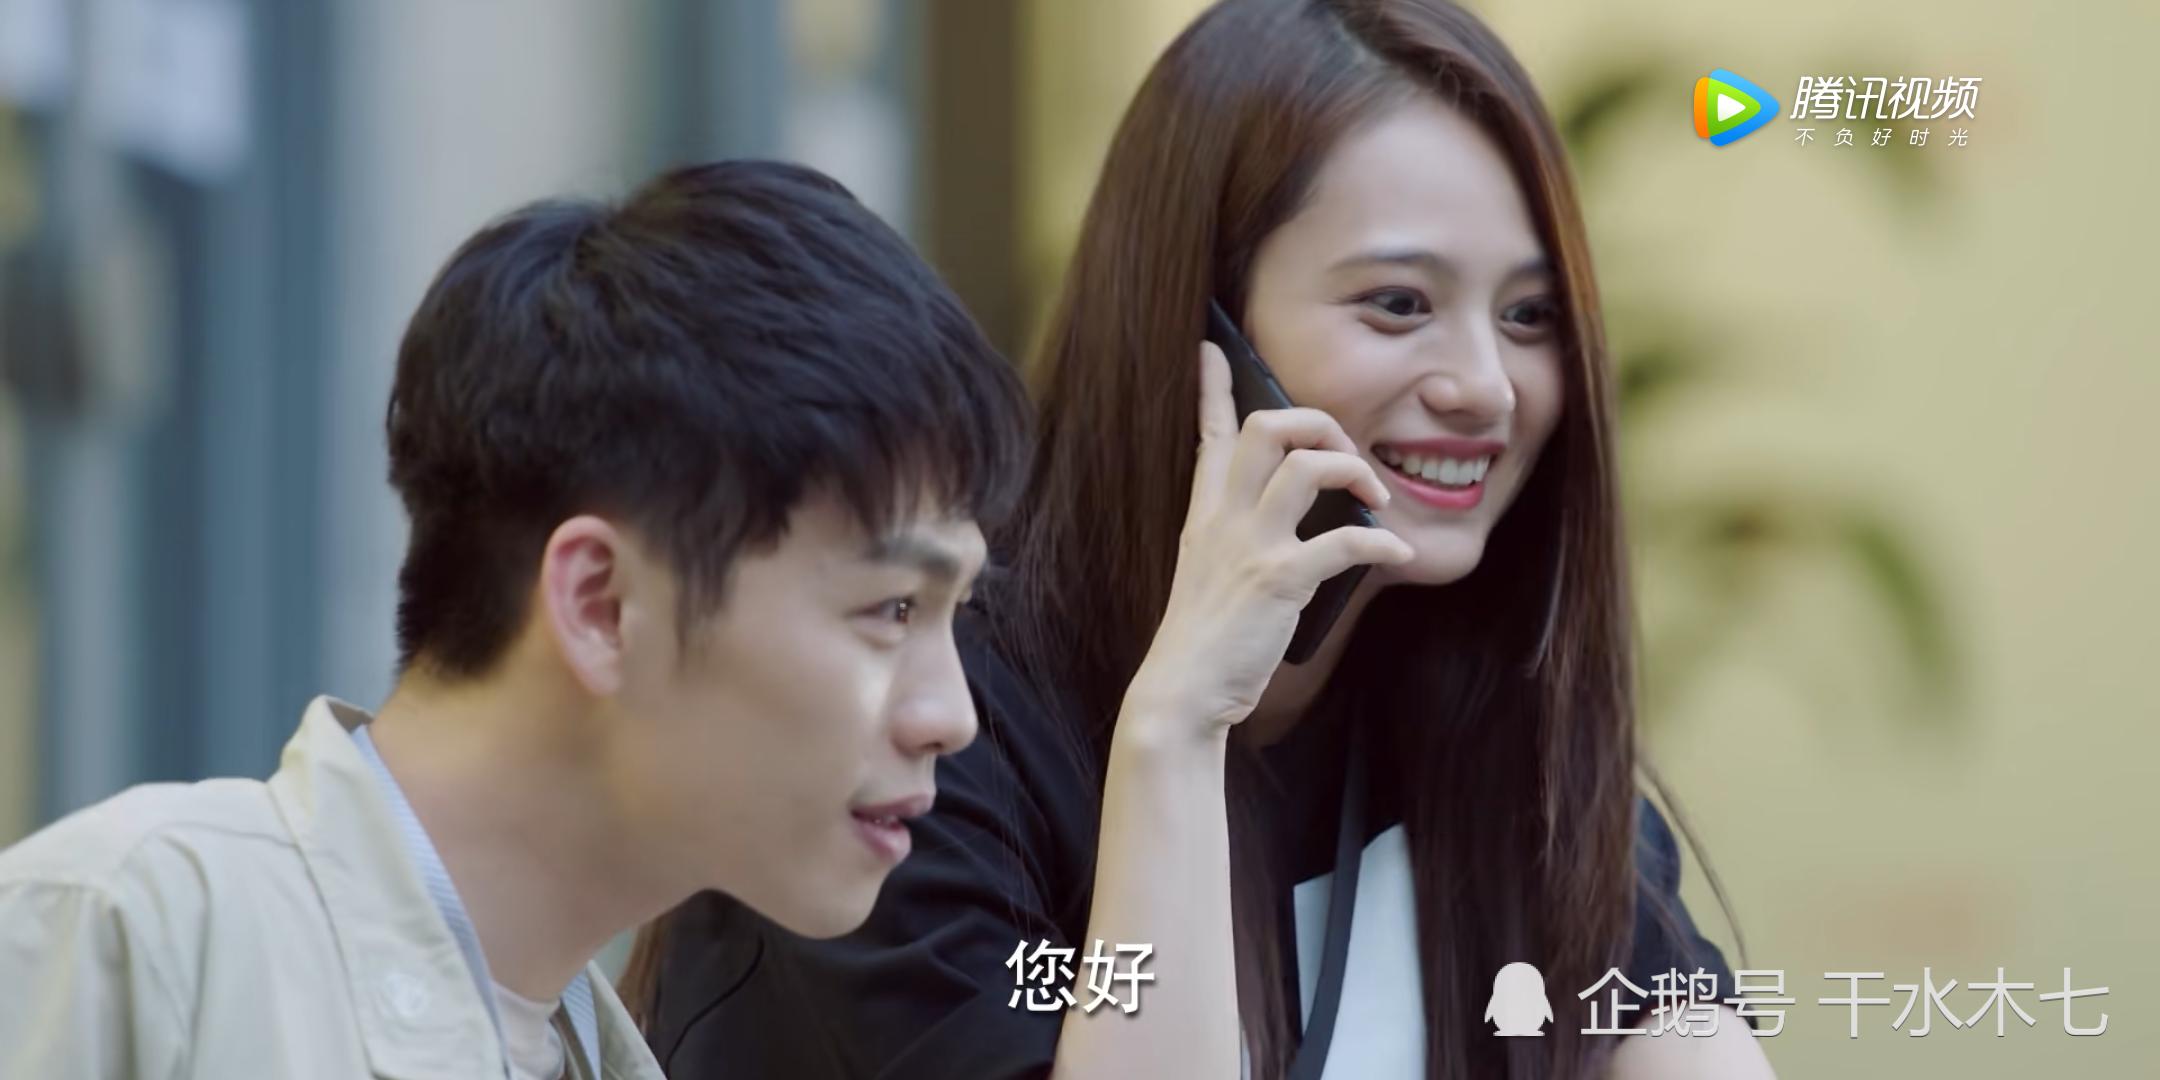 韩商言41集才抱得美人归,米邵飞一个电话,孙亚亚就成未婚妻